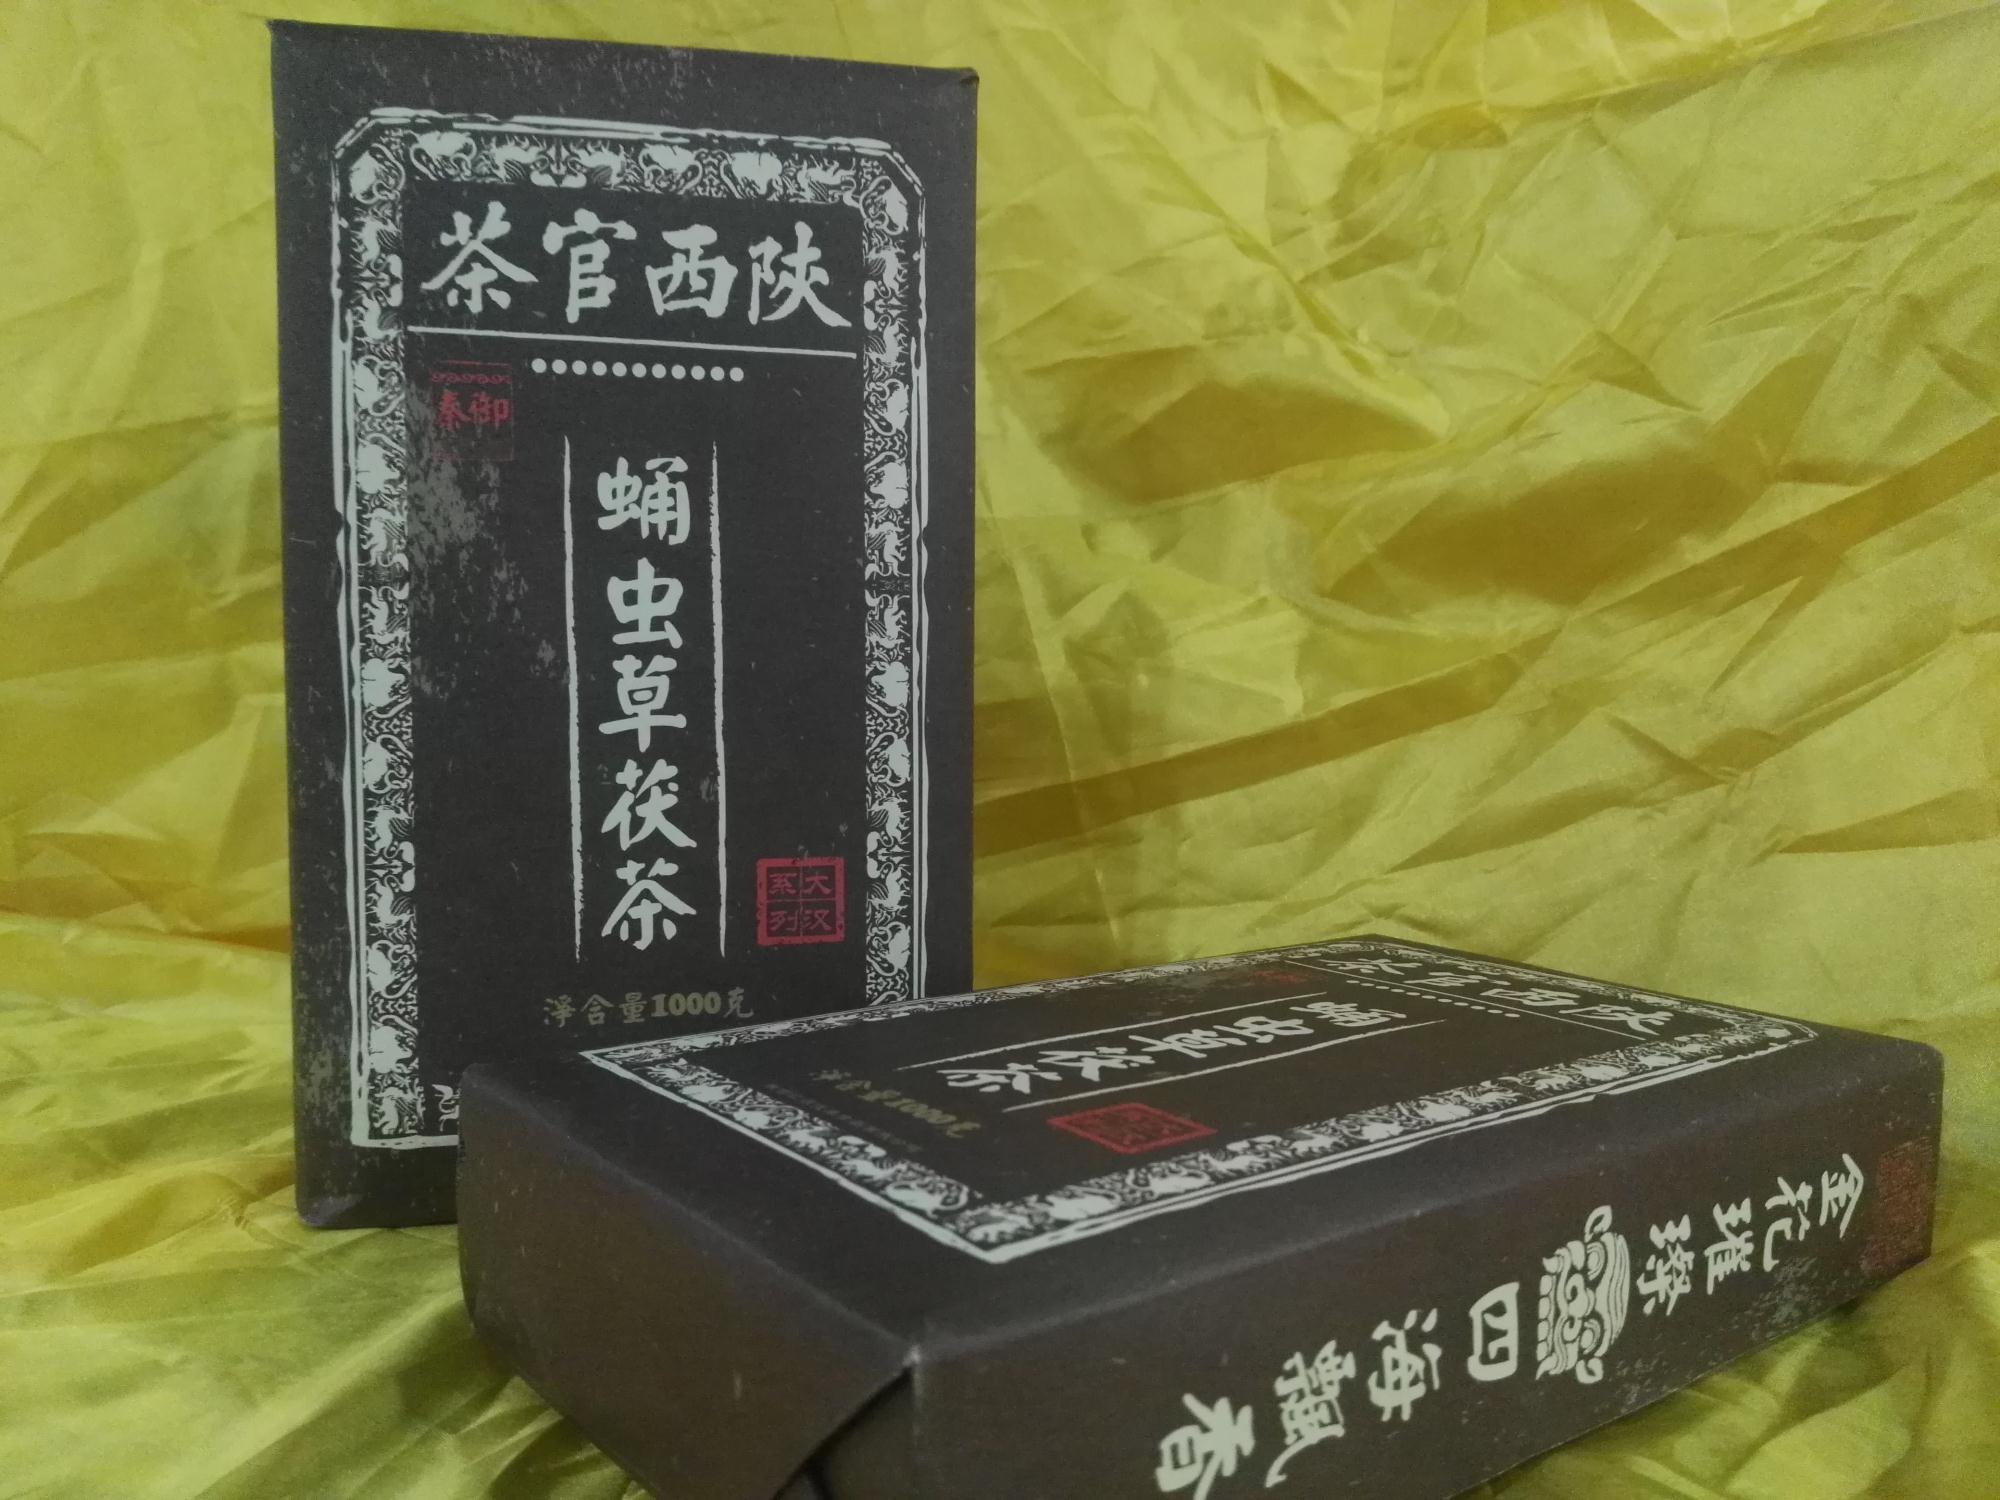 蛹虫草伏茶|茯茶-陕西良兆工贸发展有限公司